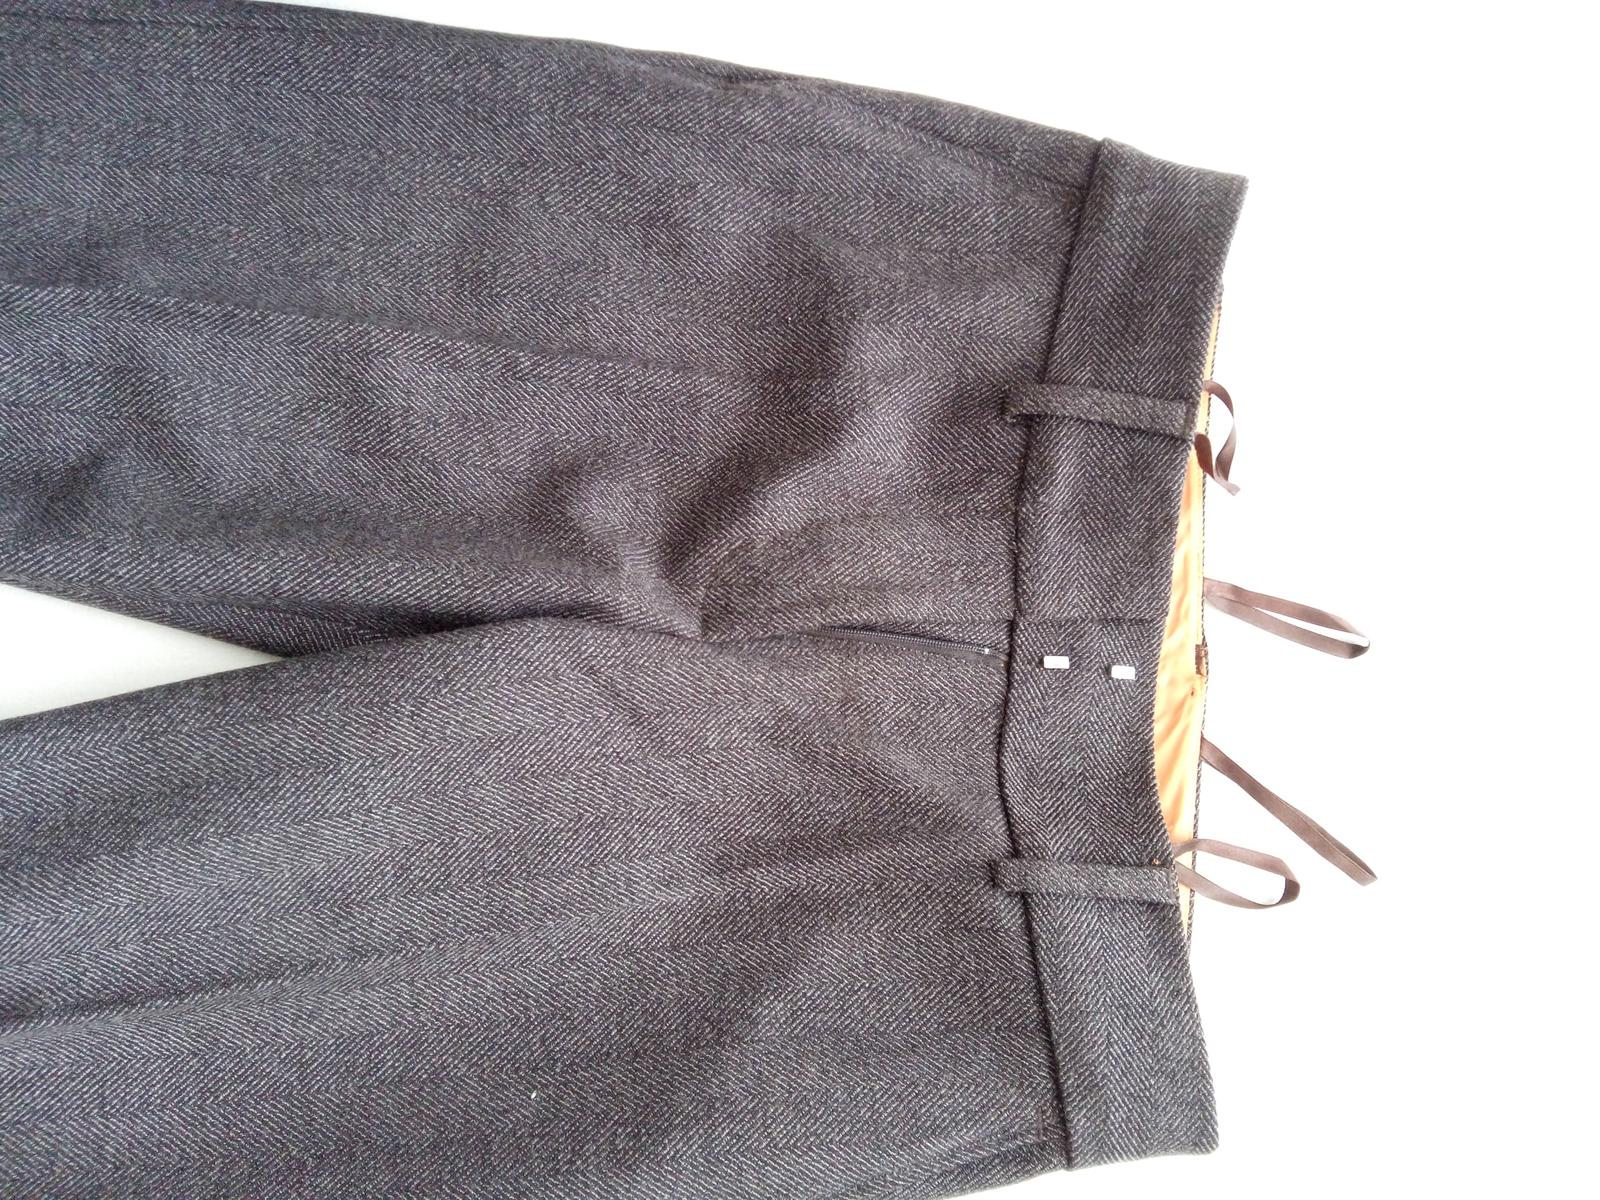 Elegantné nohavice - vzor rybia kosť - Obrázok č. 4